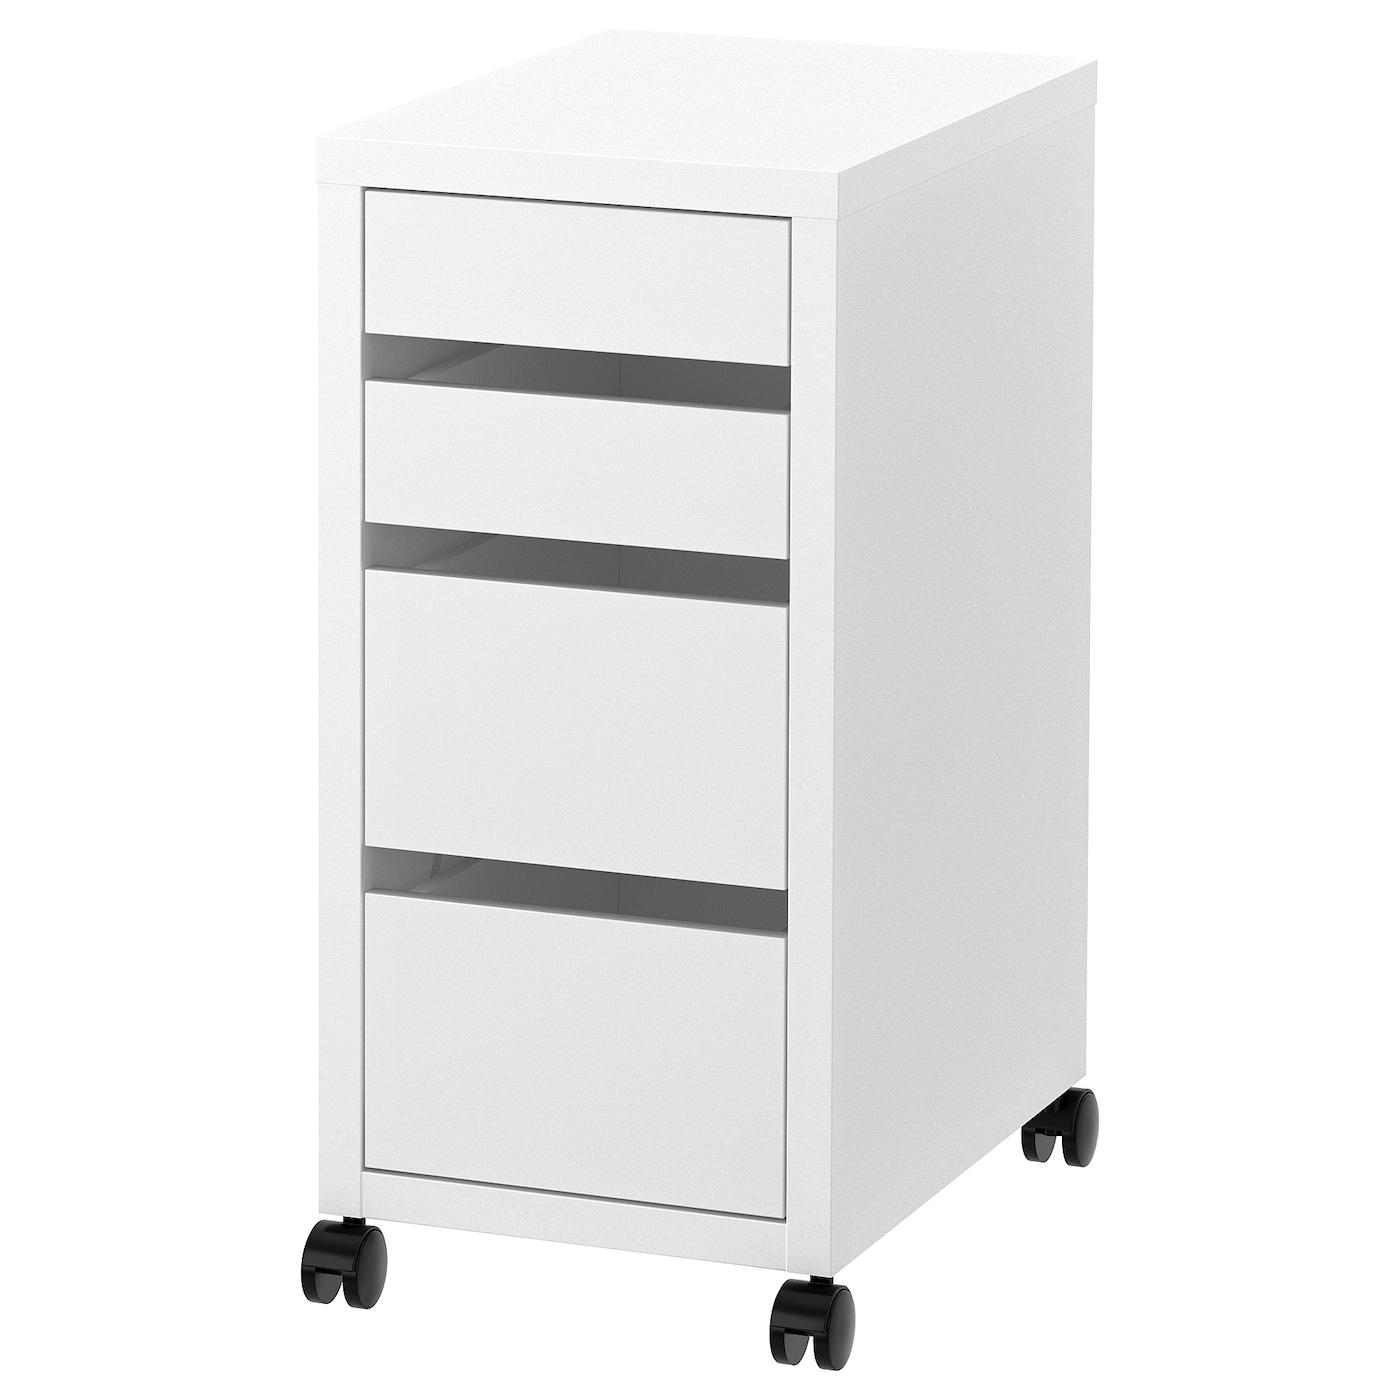 IKEA MICKE biała komoda na kółkach, 35x75 cm